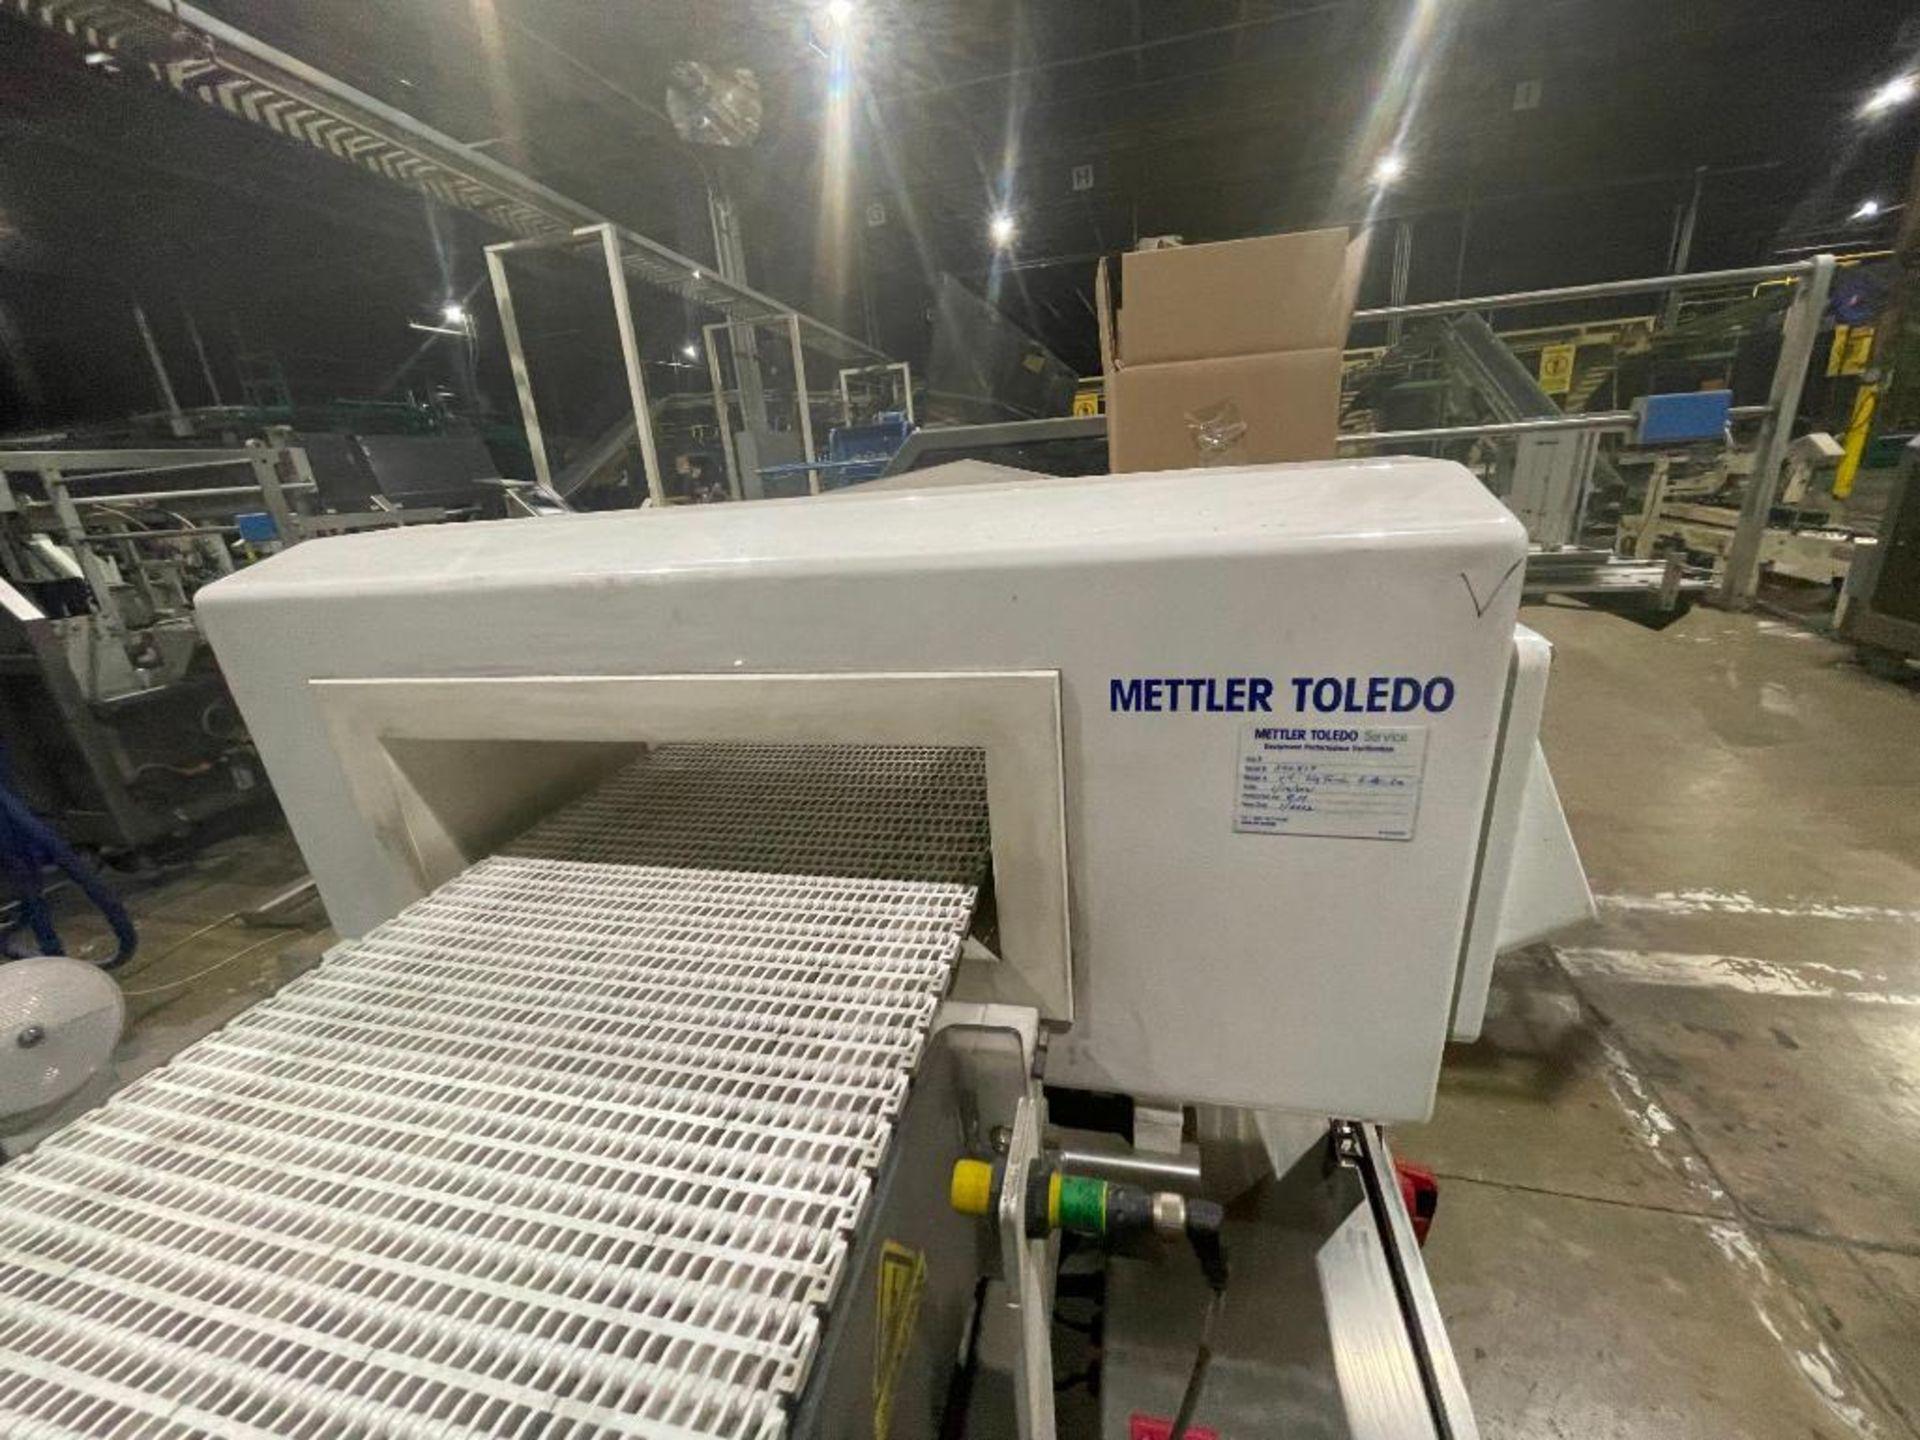 2016 Mettler Toledo metal detector, model SL1500 - Image 5 of 15